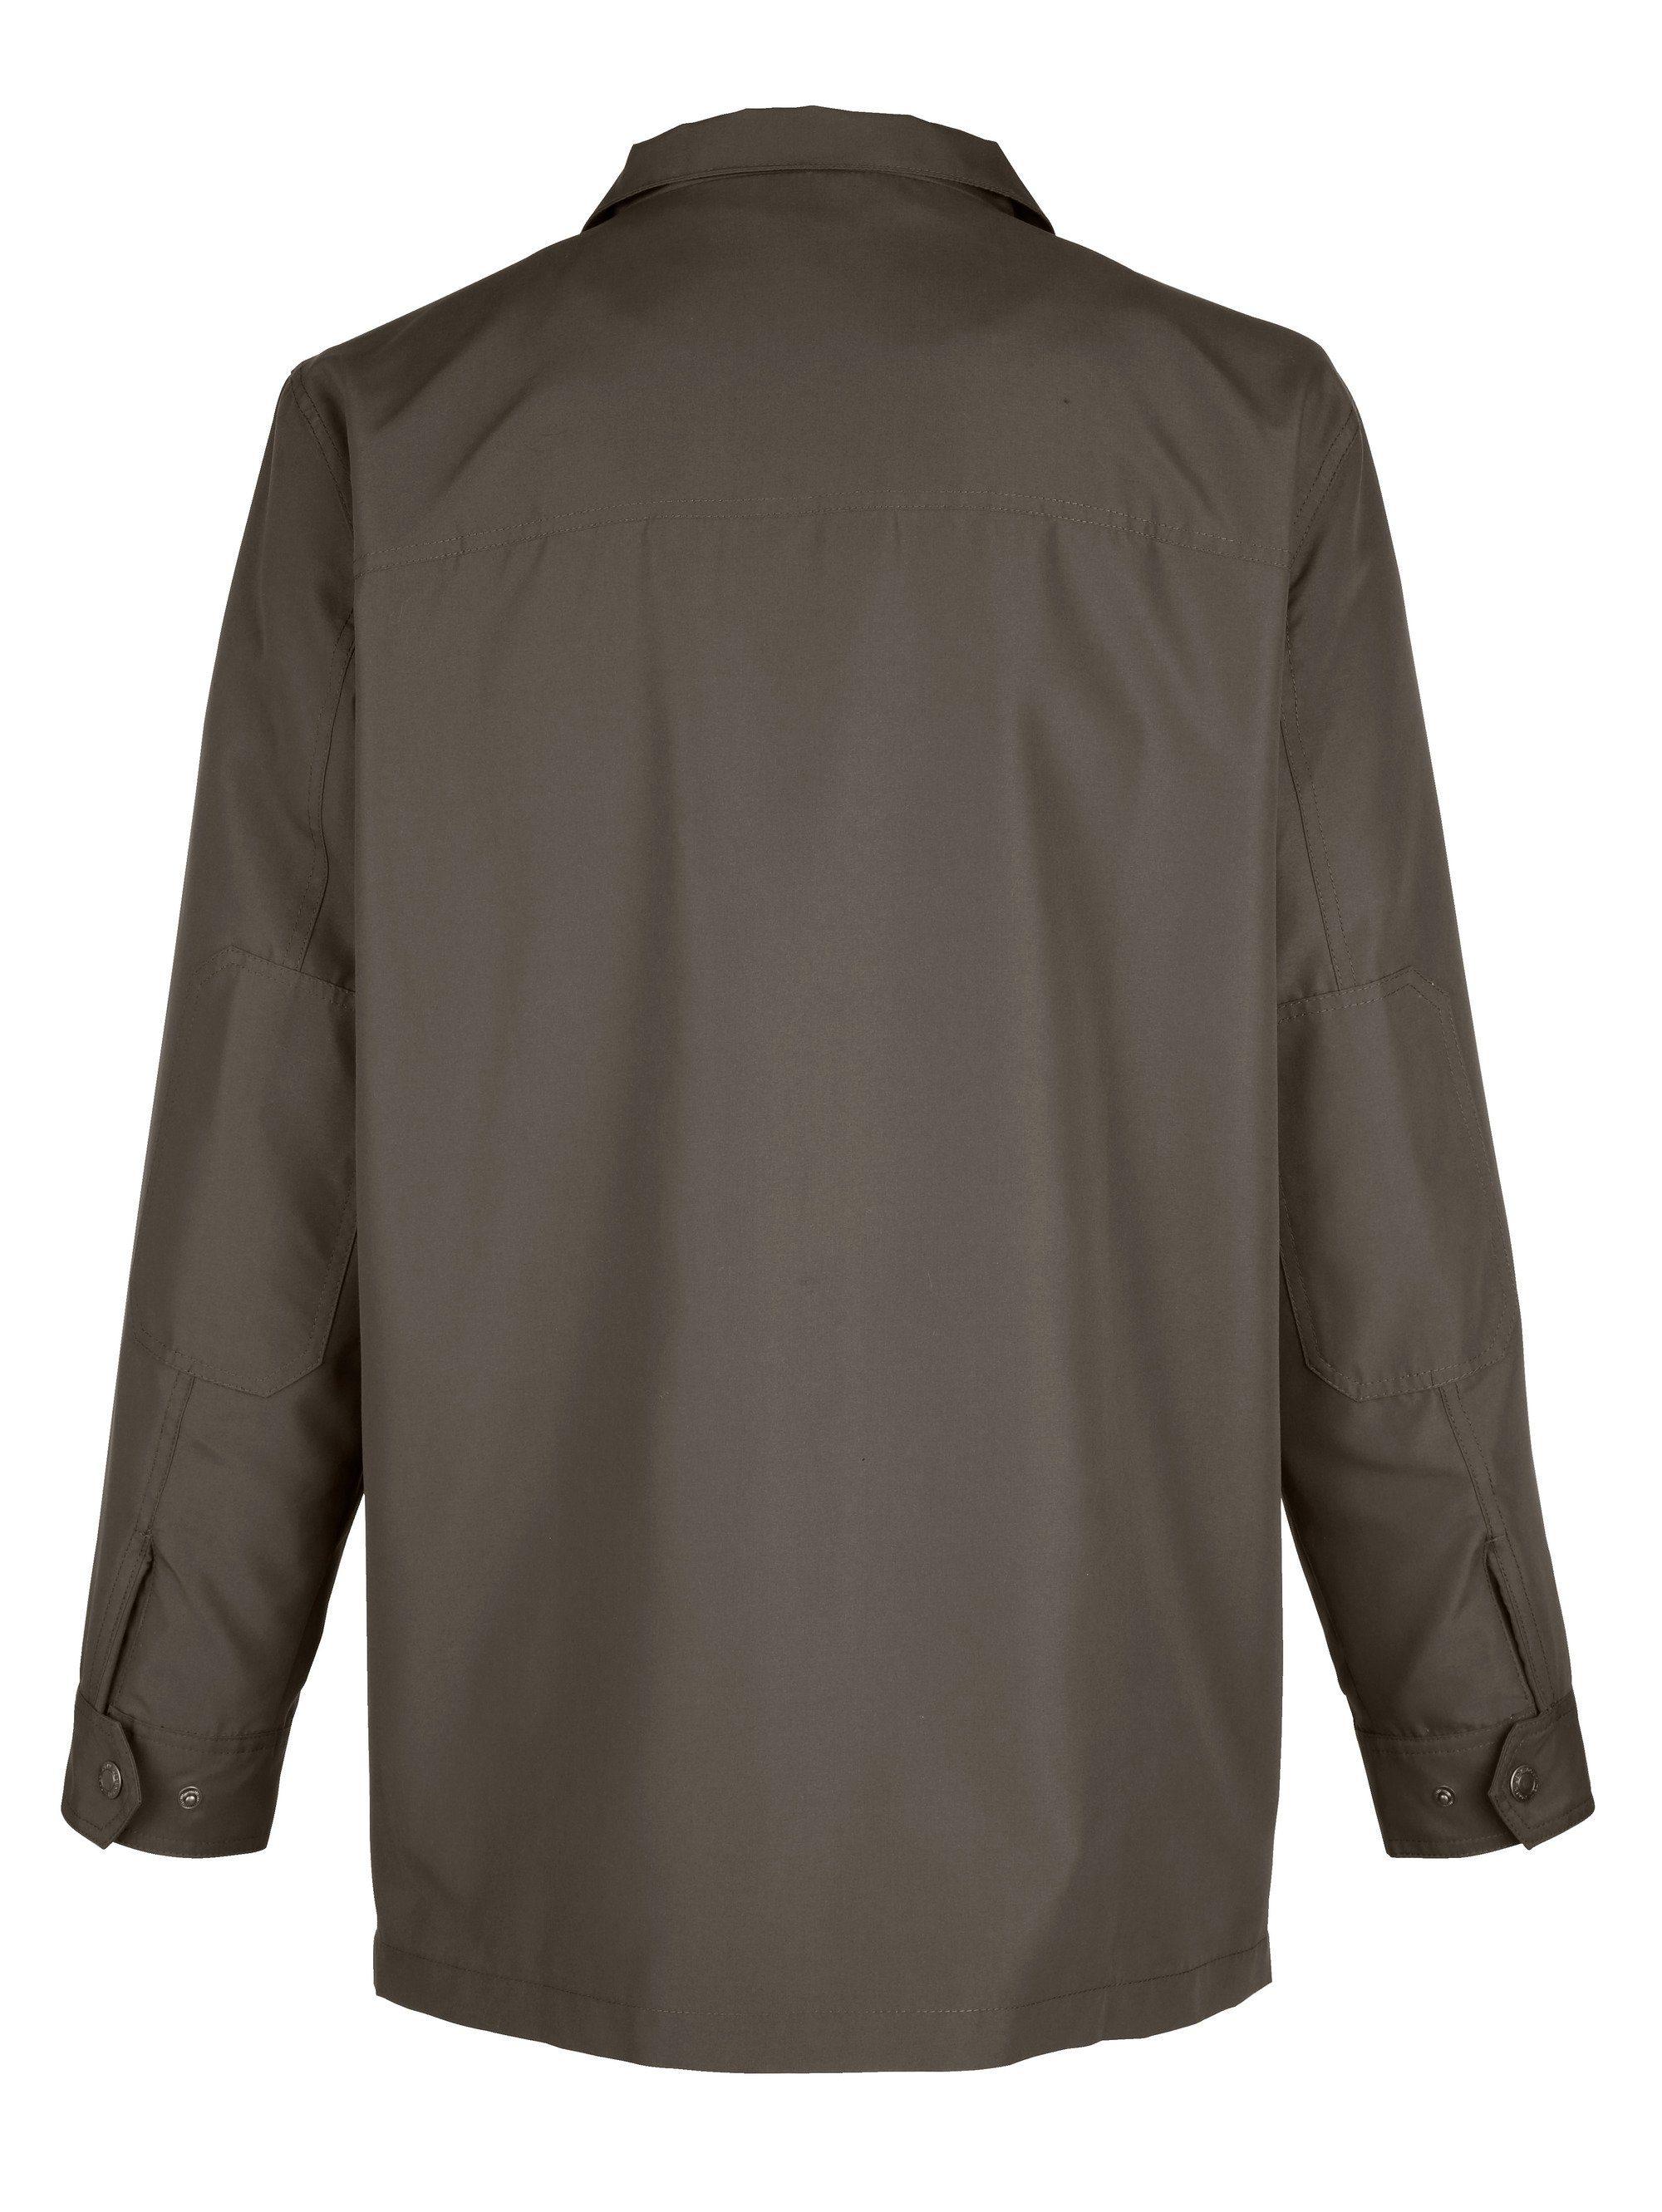 Kent ausrüstungPraktische Taschen Mit Longjacke Kentex Online Roger Kaufen gbf7y6Yv